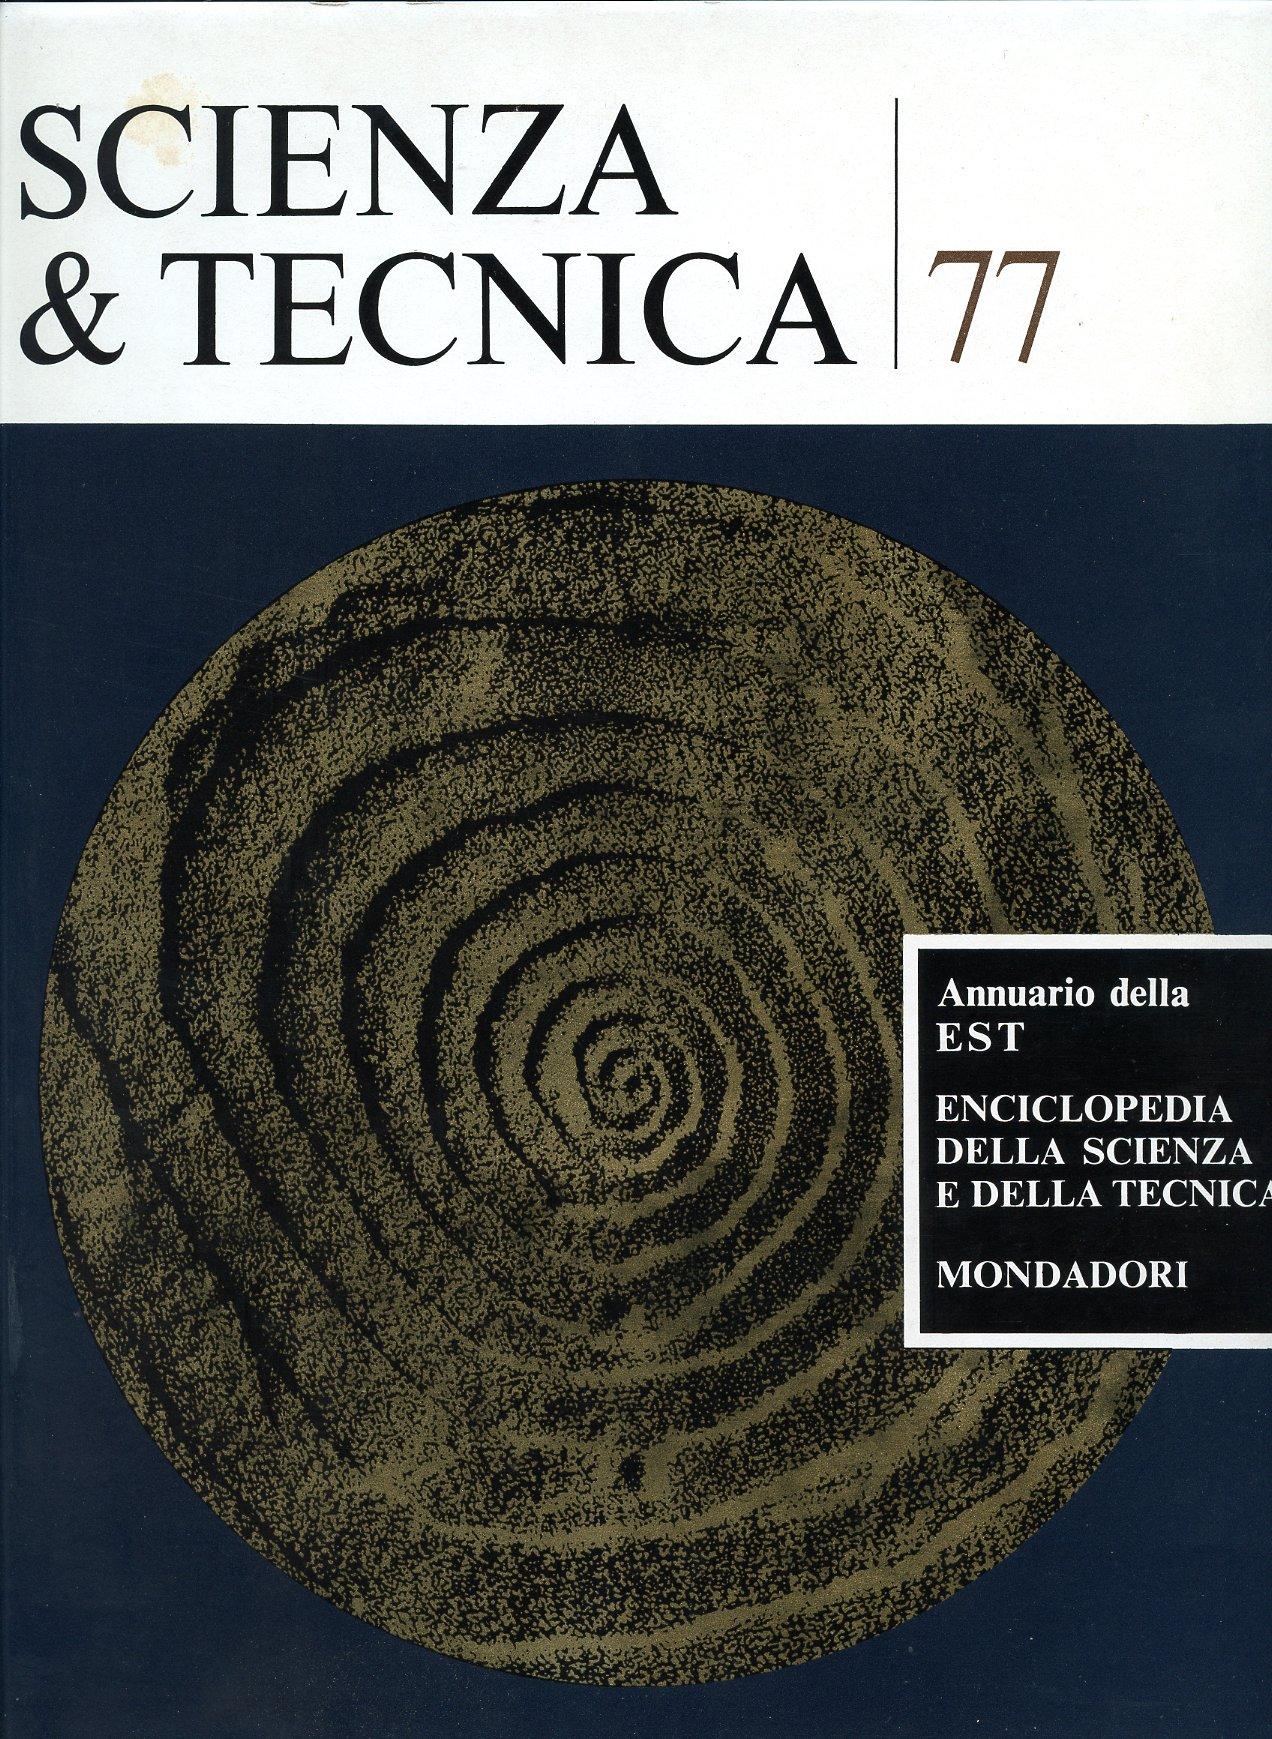 Scienza & Tecnica 77